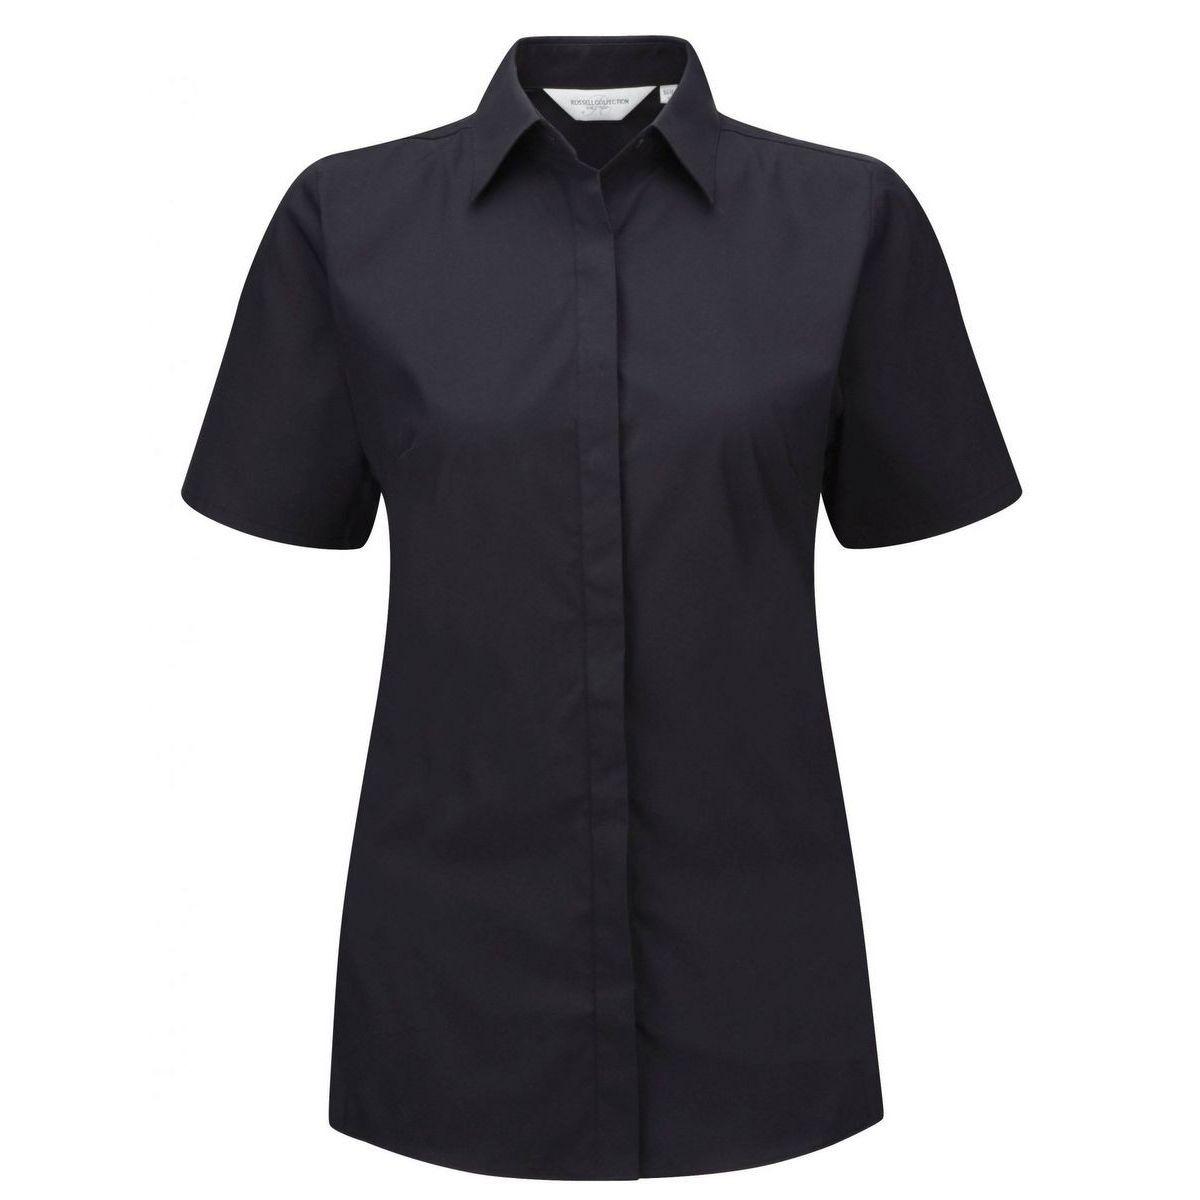 Lot de 2 chemisettes manches courtes coton stretch